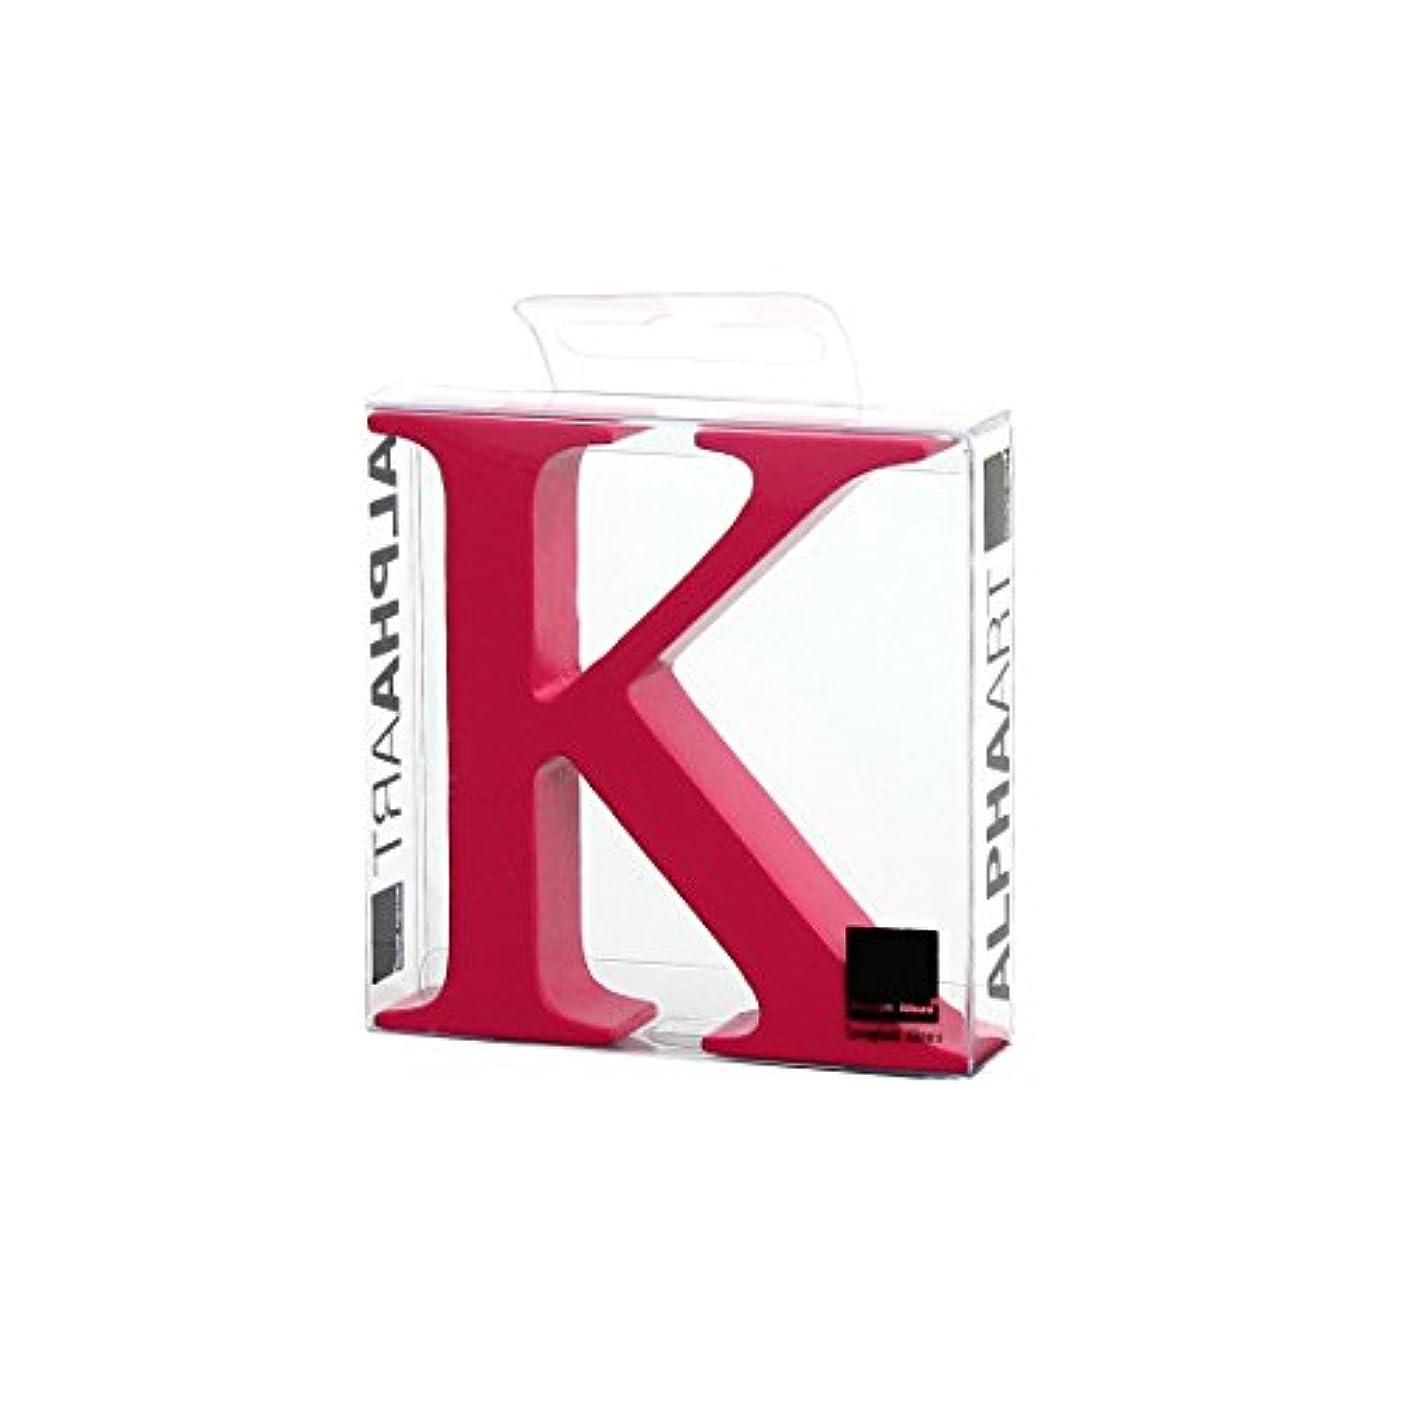 ヒロイック木神社カメヤマキャンドルハウス アルファベットブロック カラフル  アルファアートラージK 「 ピンク 」